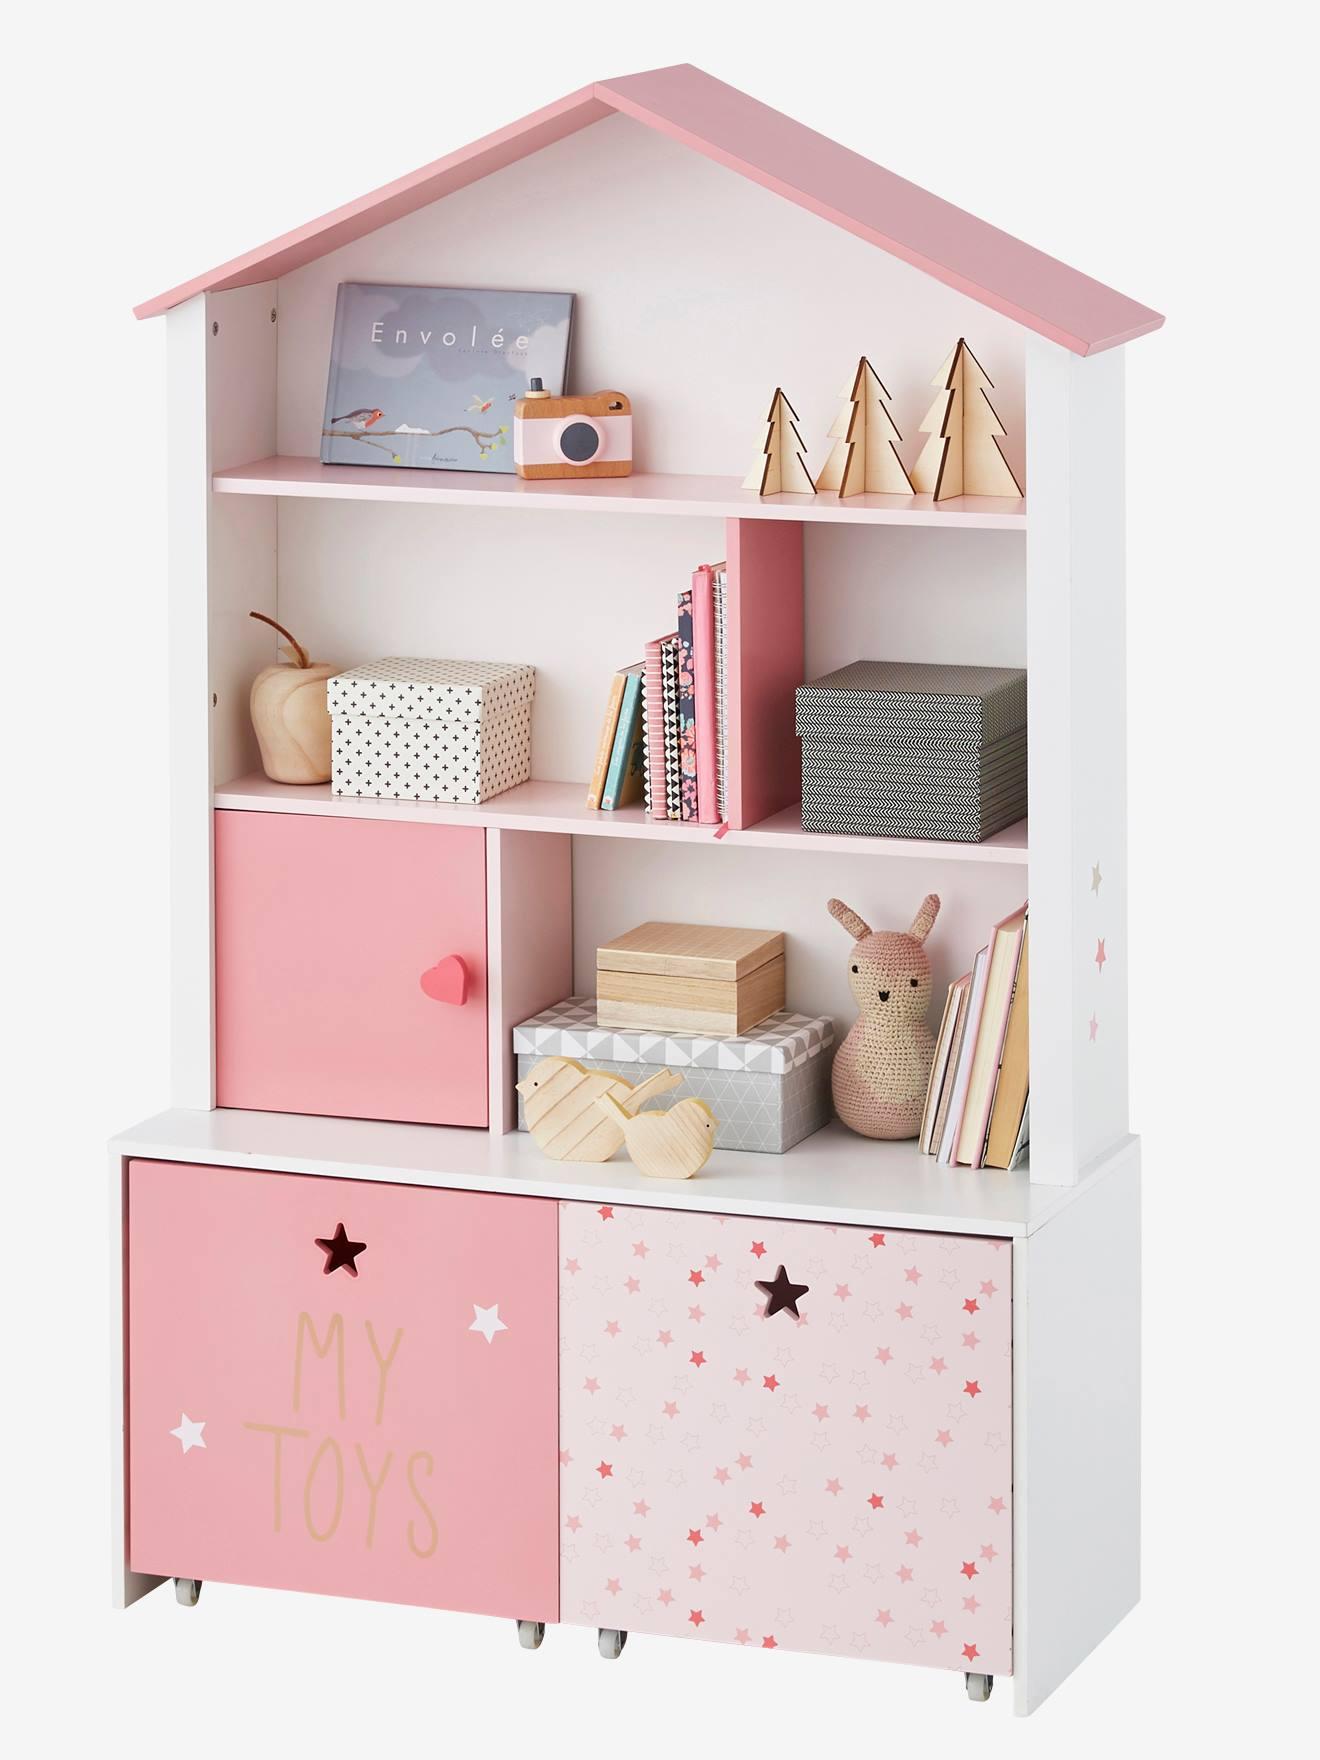 Regalschrank für Kinderzimmer - weiss/rosa, Deko & Aufbewahren